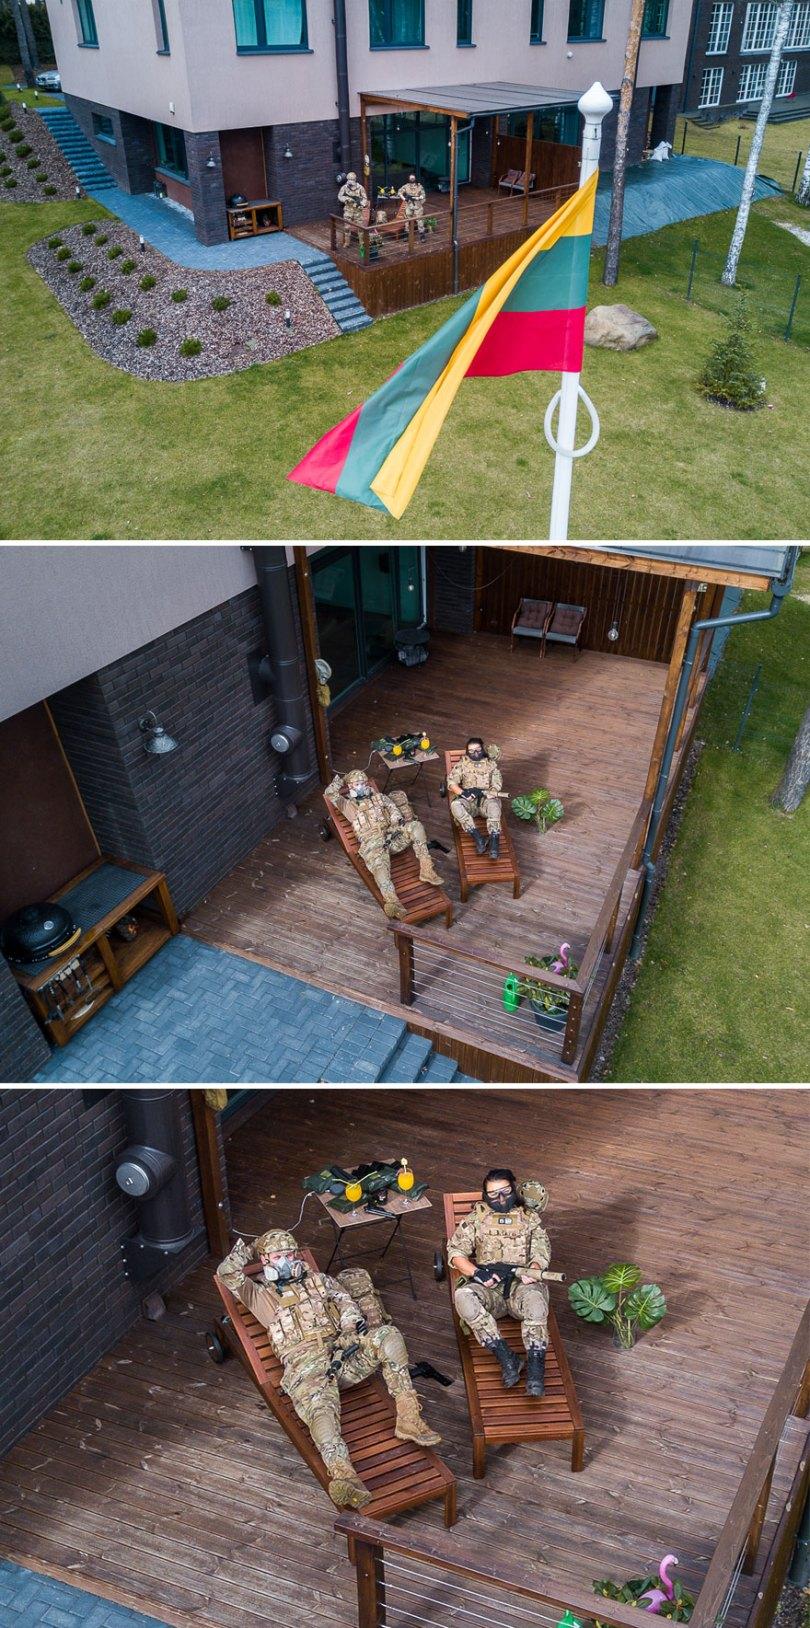 drone photography quarantine portraits coronavirus lithuania adasvasiliauskas 2 5e79c7f2b35f5  880 - Fotógrafo da Lituânia consegue trazer diversão durante a Quarentena